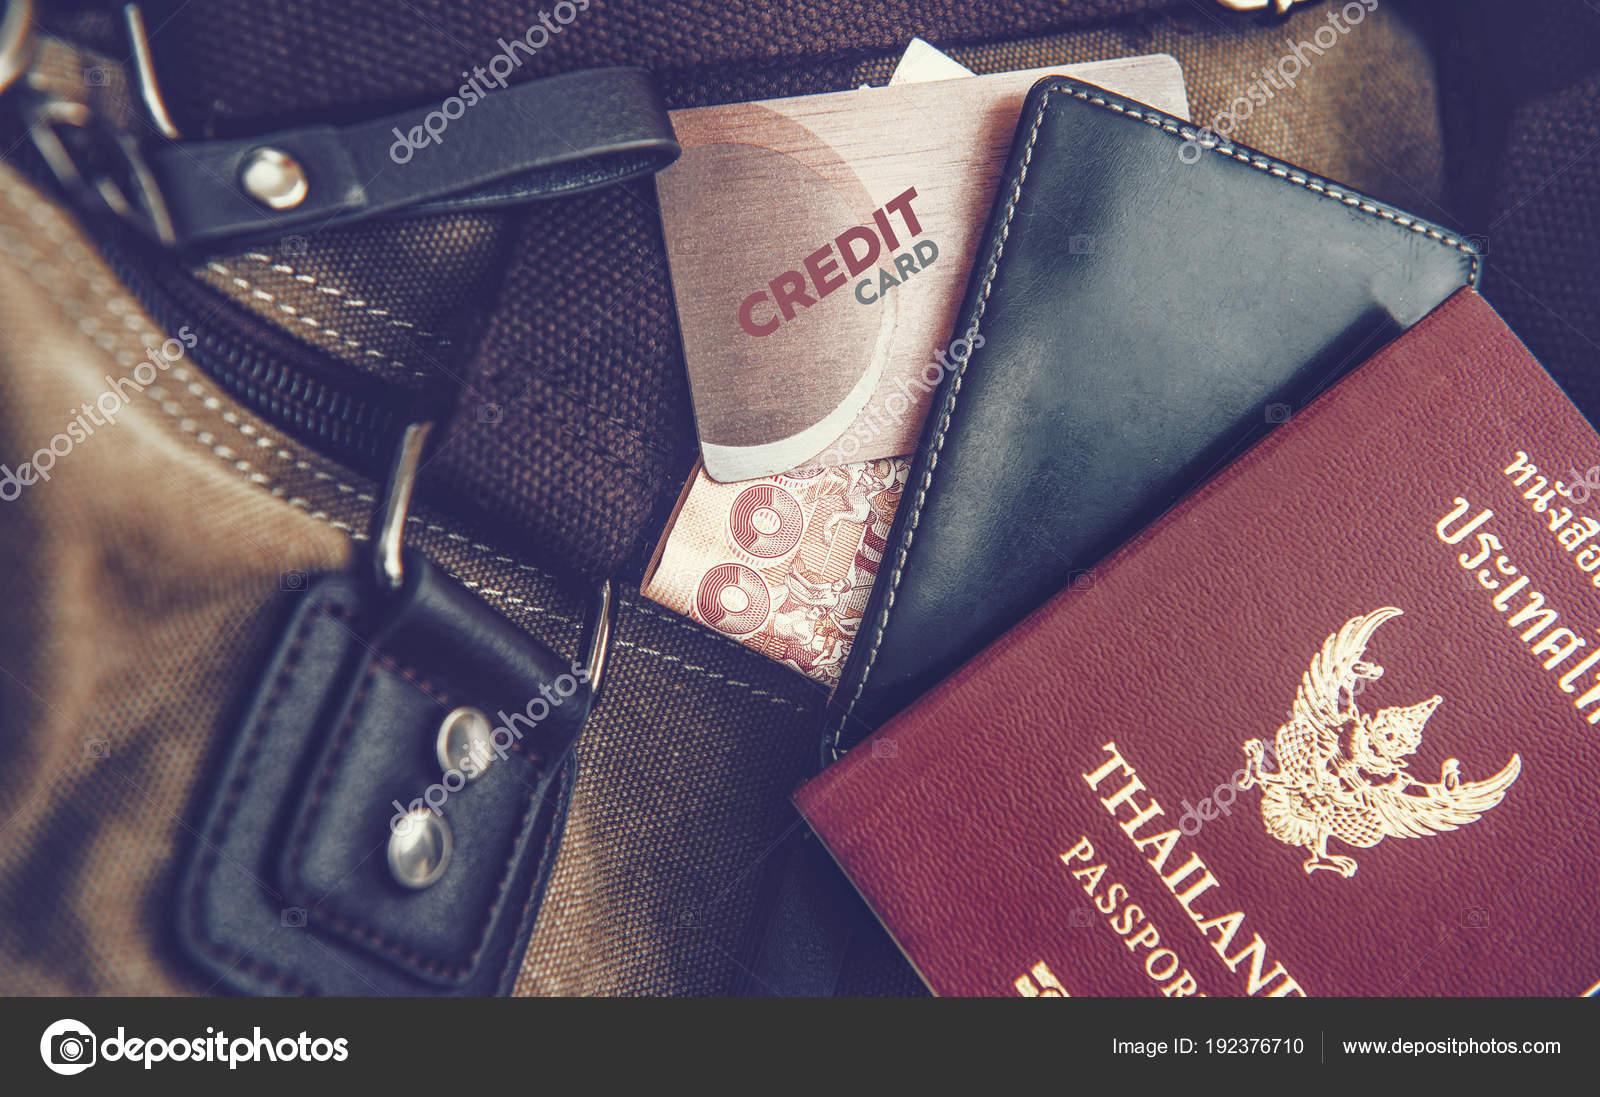 Portemonnee Paspoort.Portemonnee Paspoort Creditcards Geplaatst Op De Zak Stockfoto